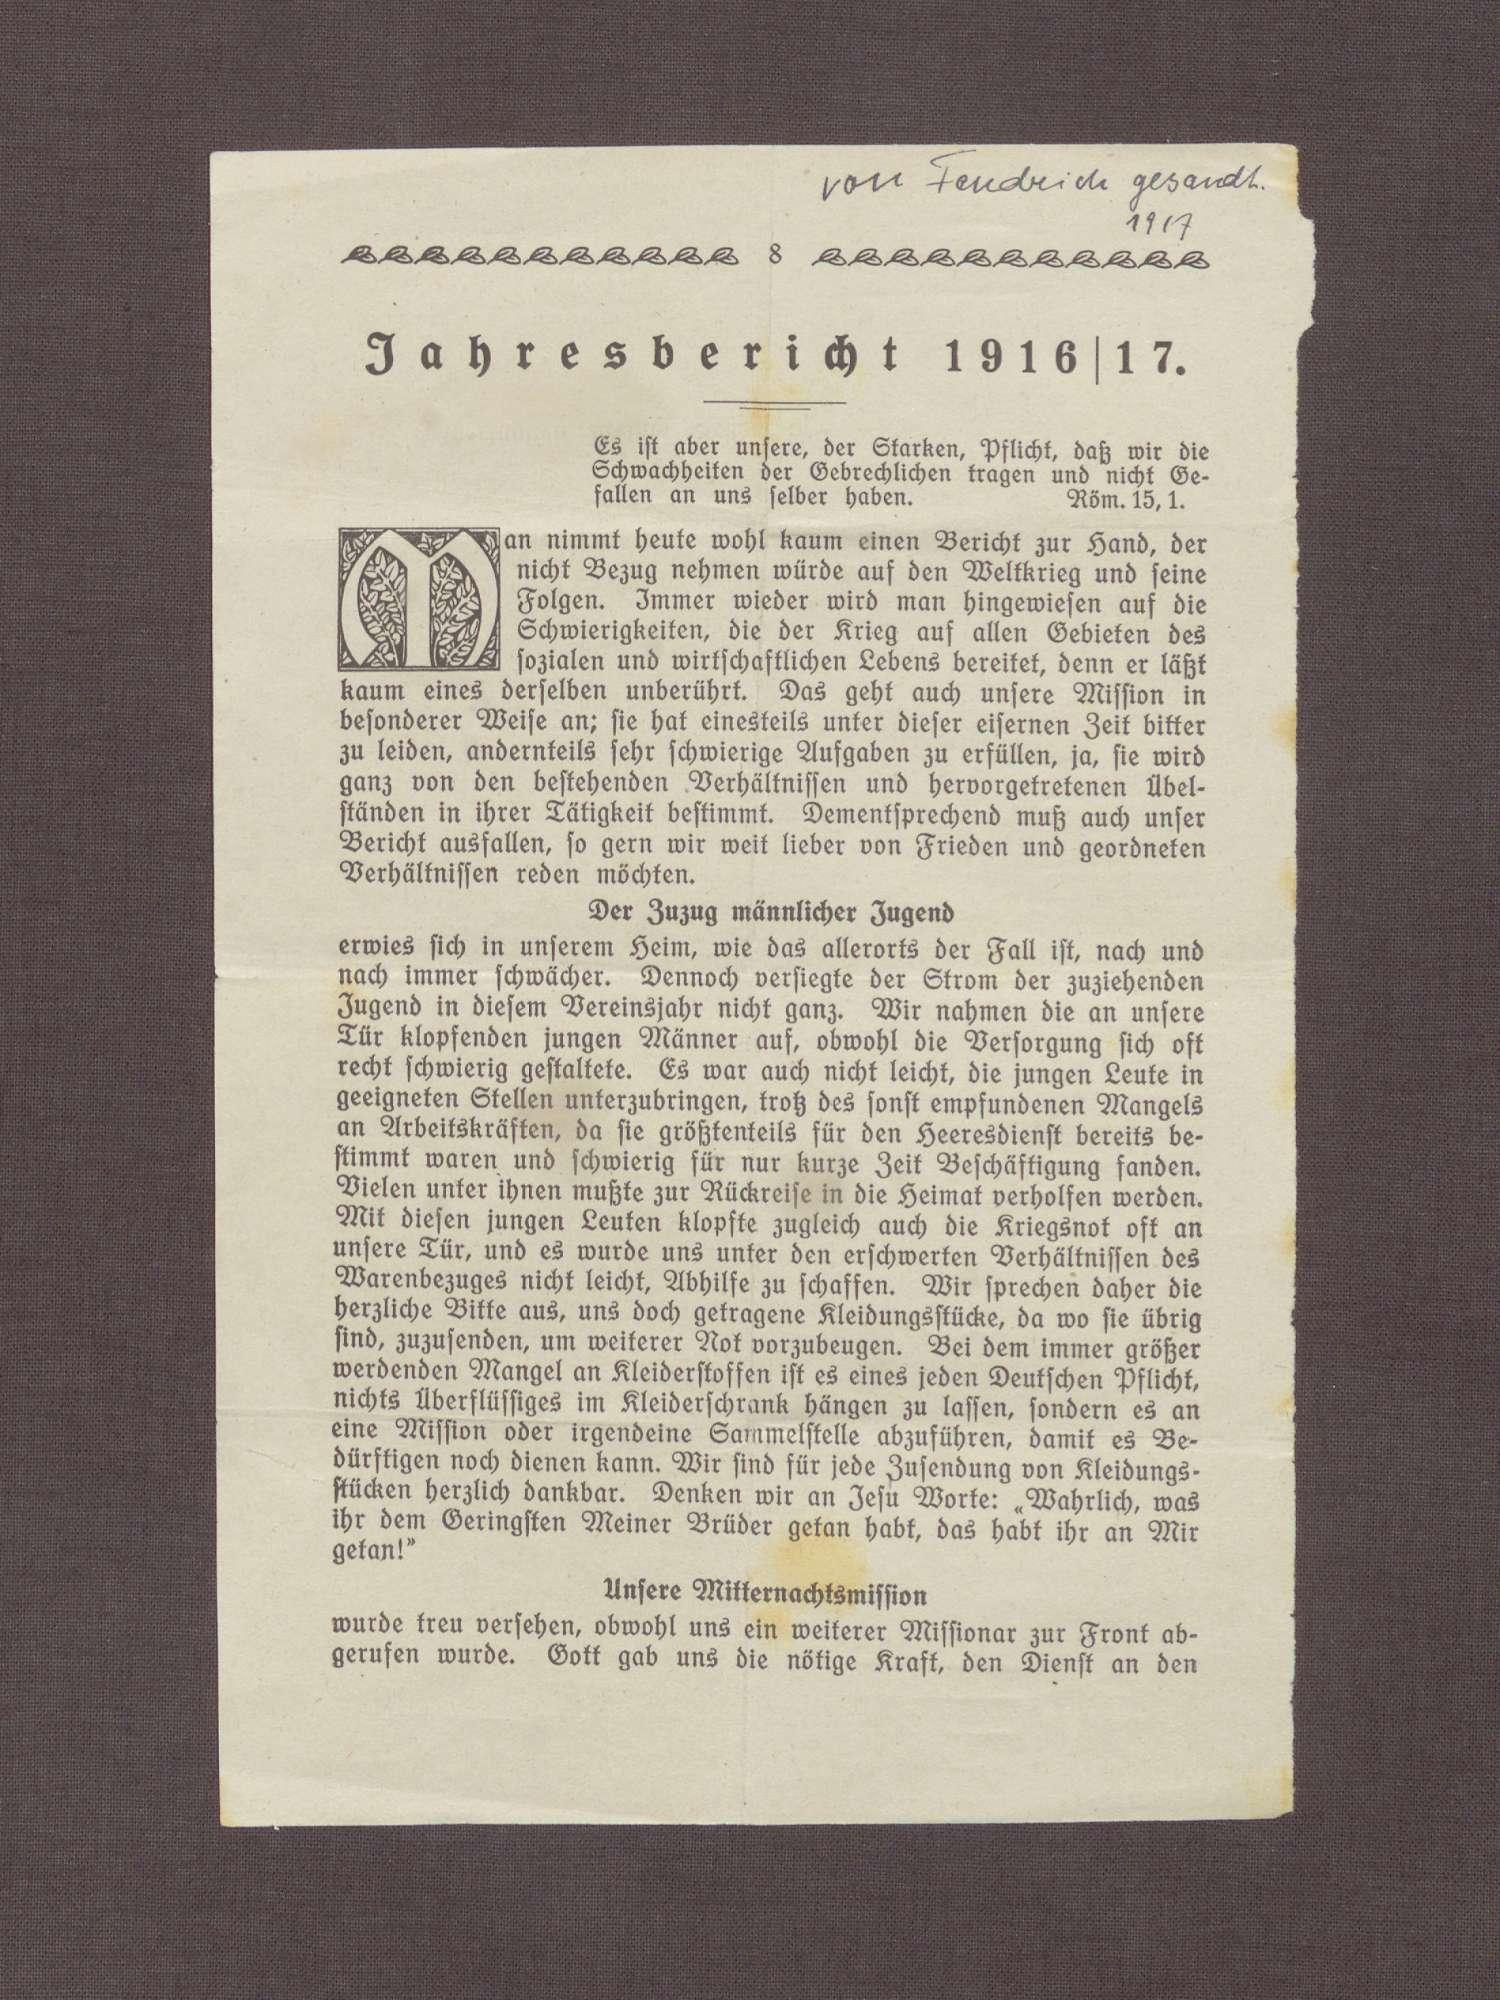 Auszüge des Jahresberichtes der Inneren Mission in Duisburg 1916/1917, Bild 1